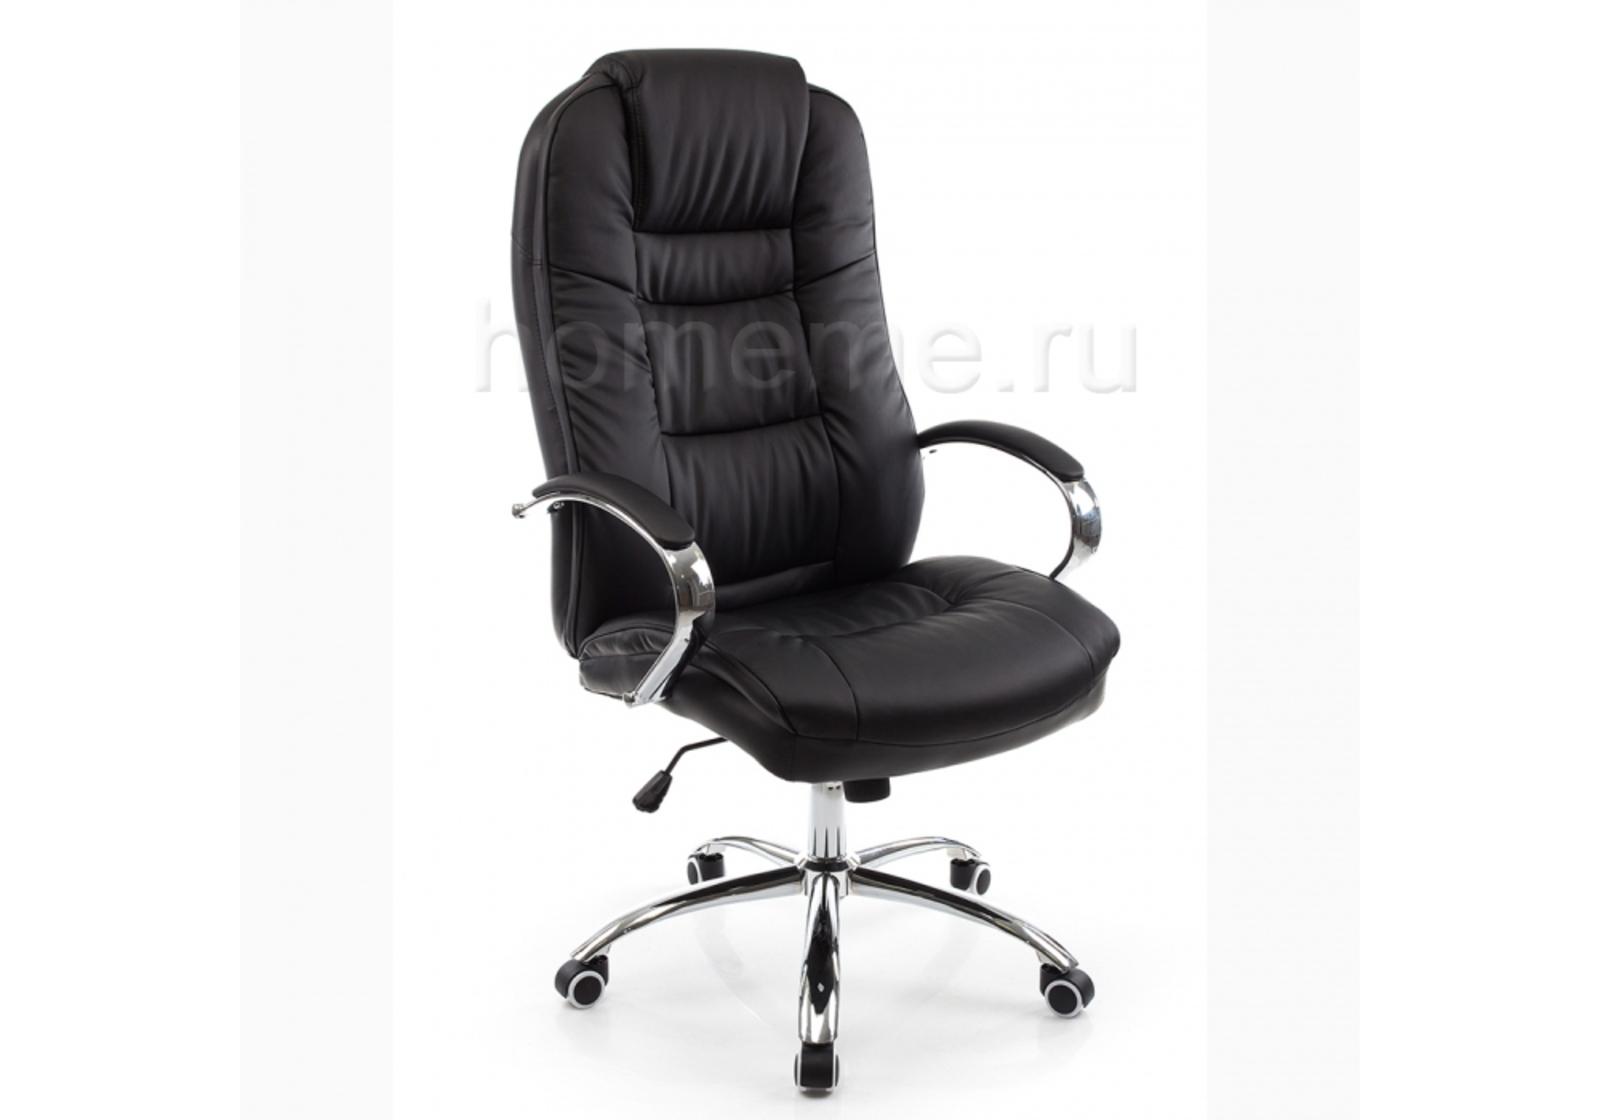 Компьютерное кресло Evora черное 1744 HomeMe